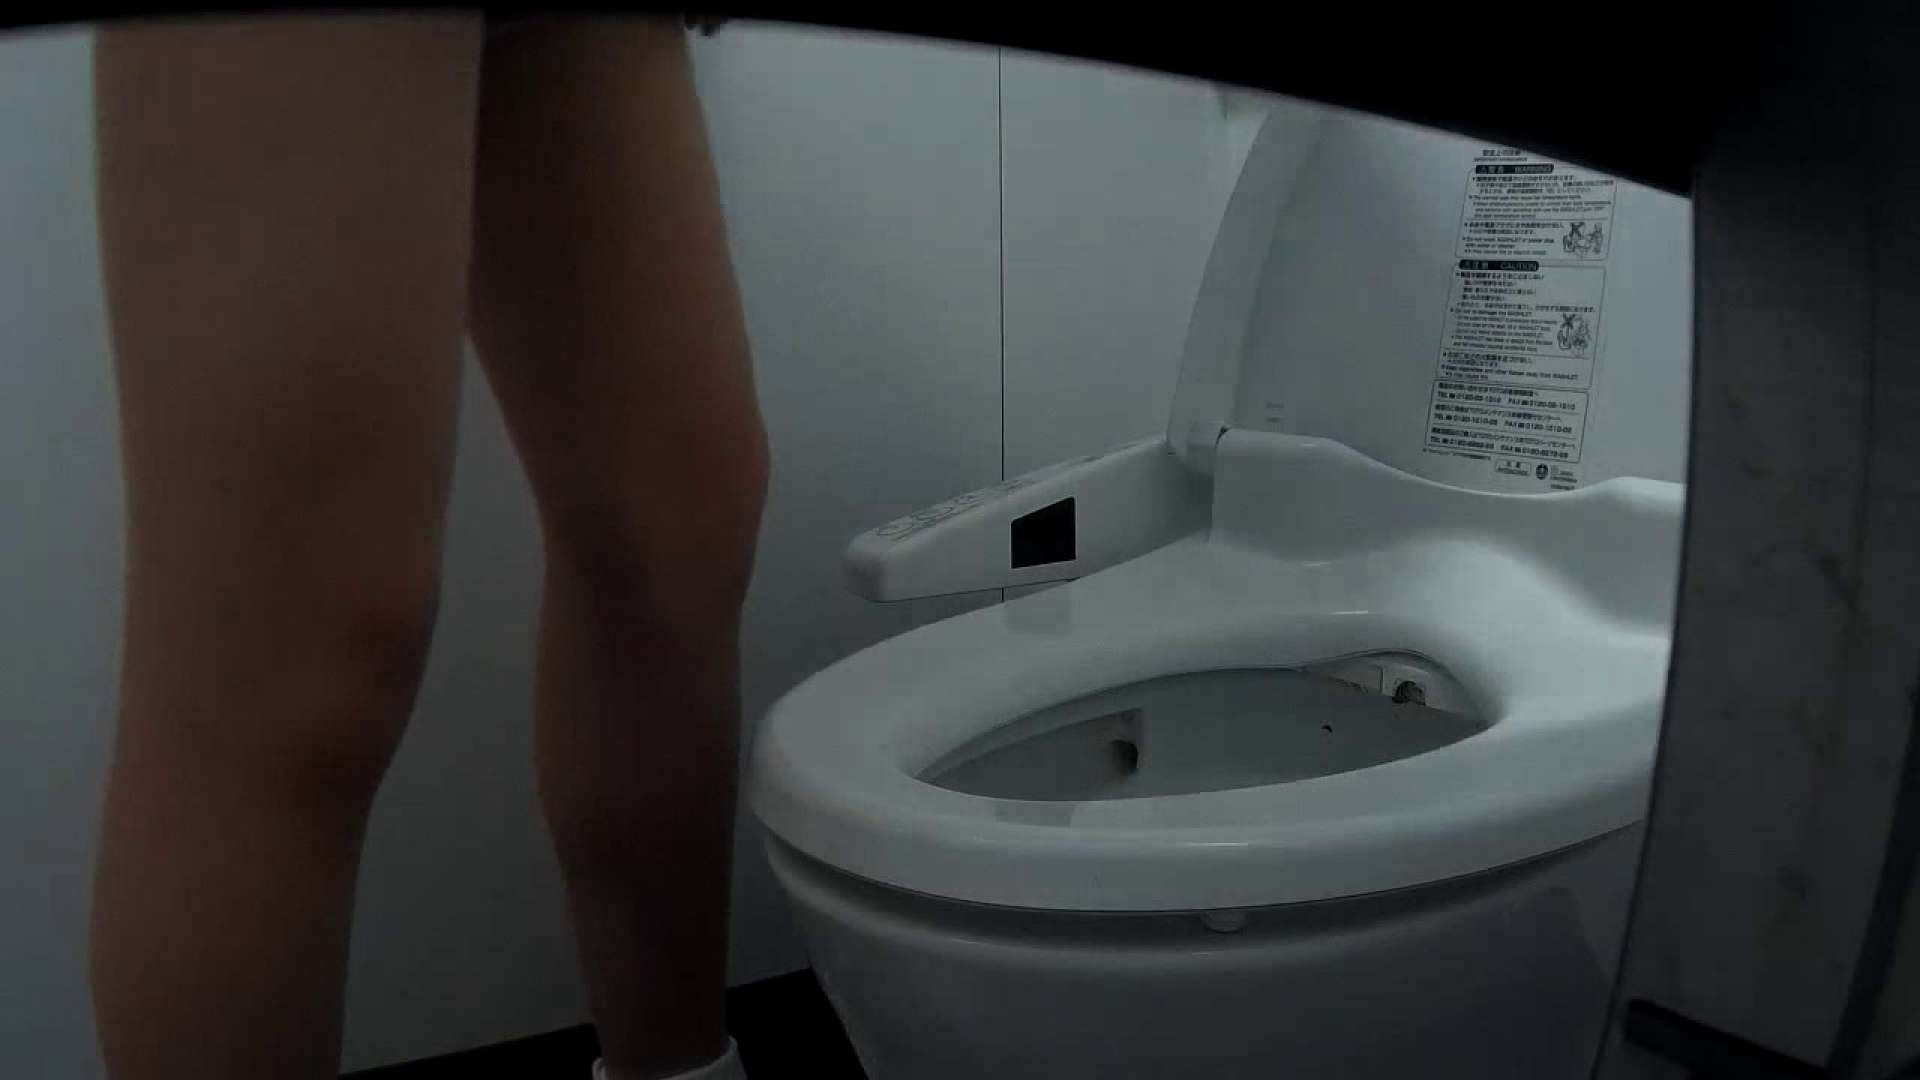 有名大学女性洗面所 vol.35 安定の2カメ 最近の女性は保守的な下着が多め? 洗面所  60画像 16